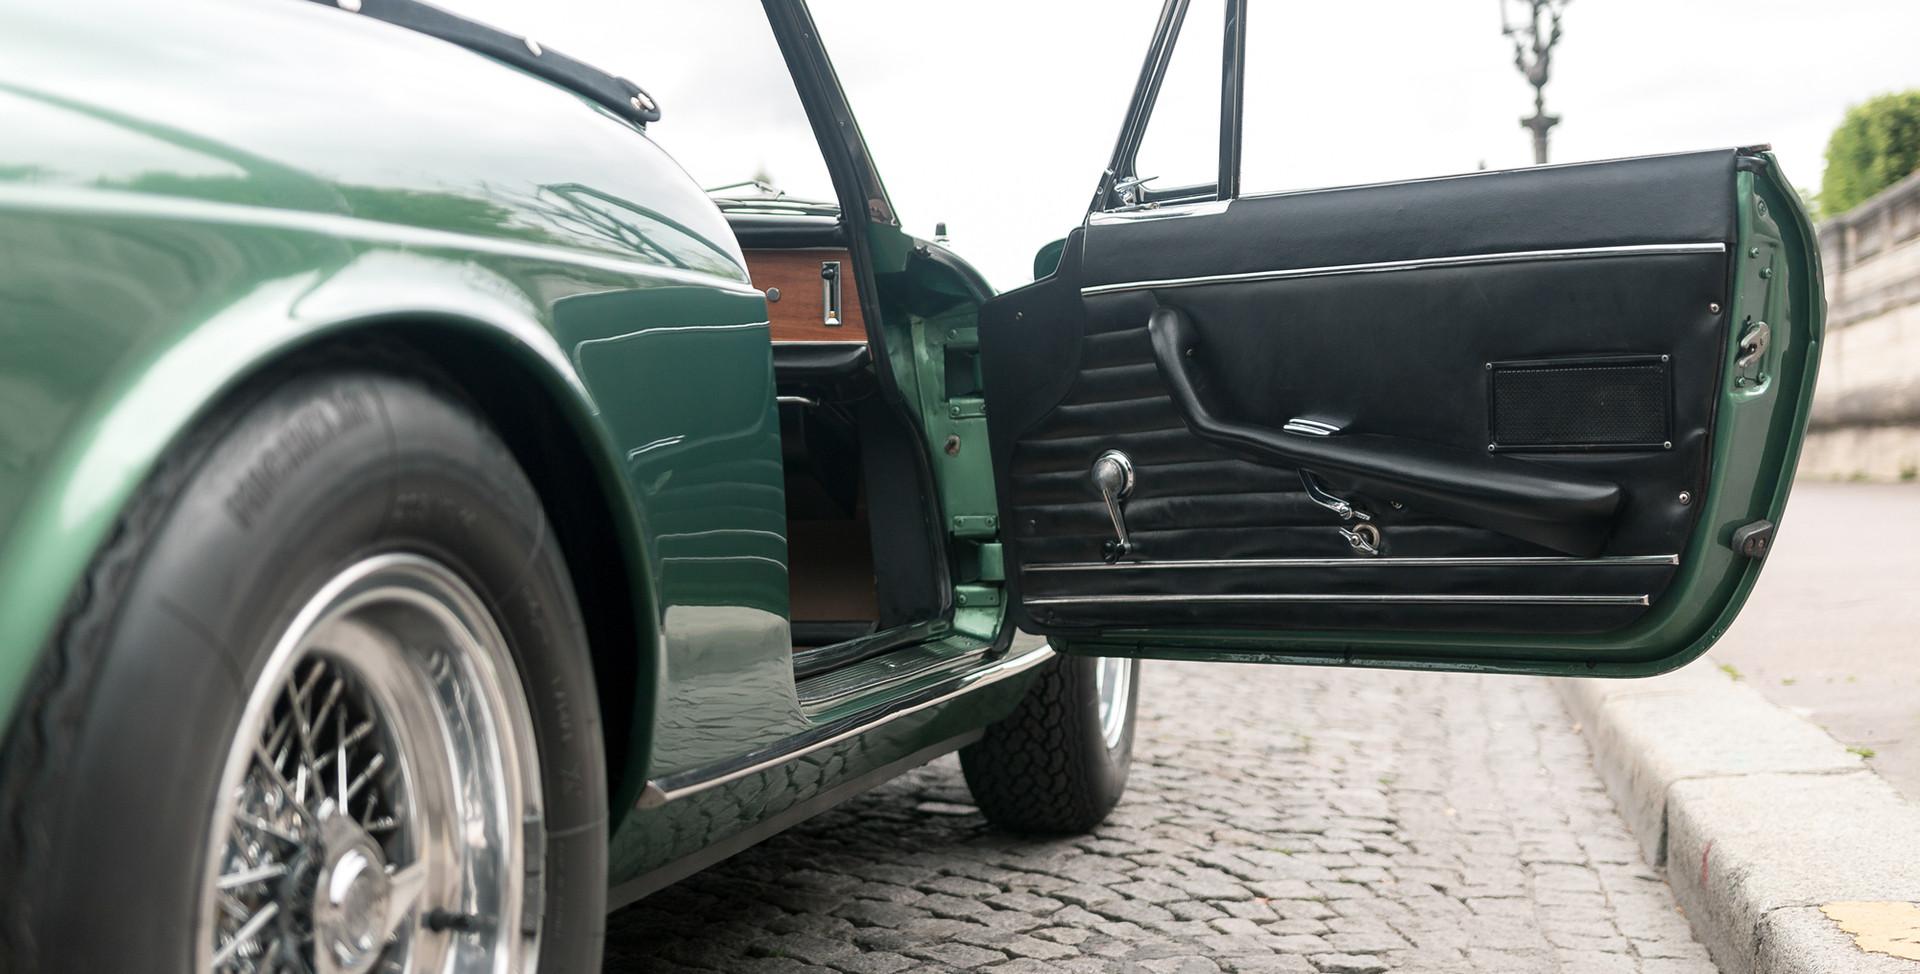 Ferrari_275_GTS_intérieur_(9).jpg